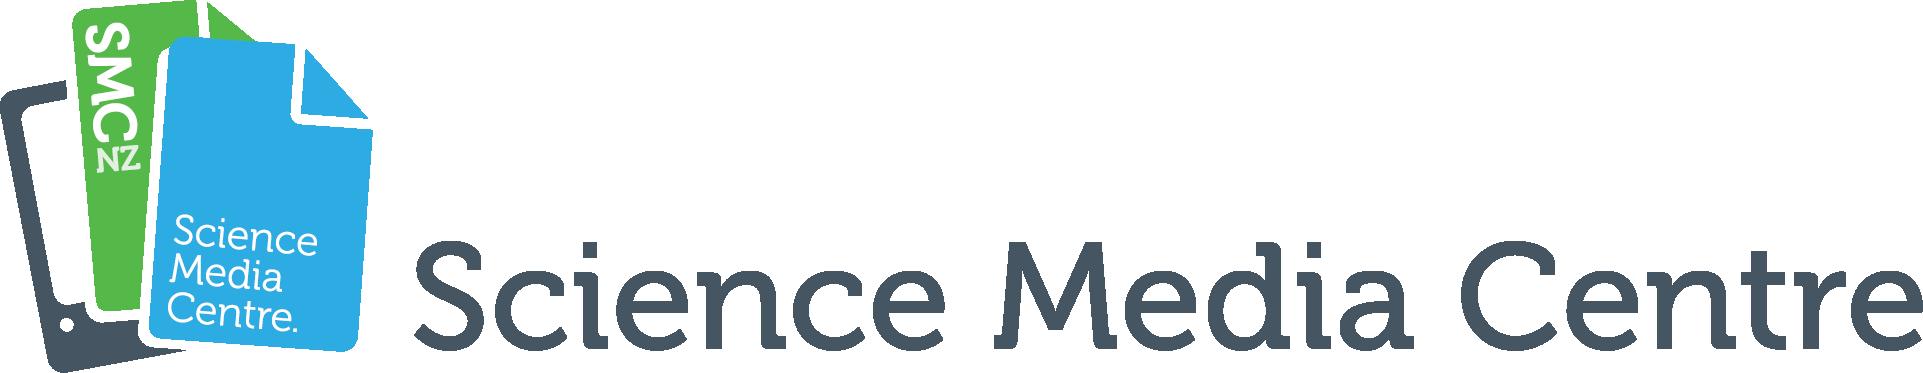 Science Media Centre NZ logo